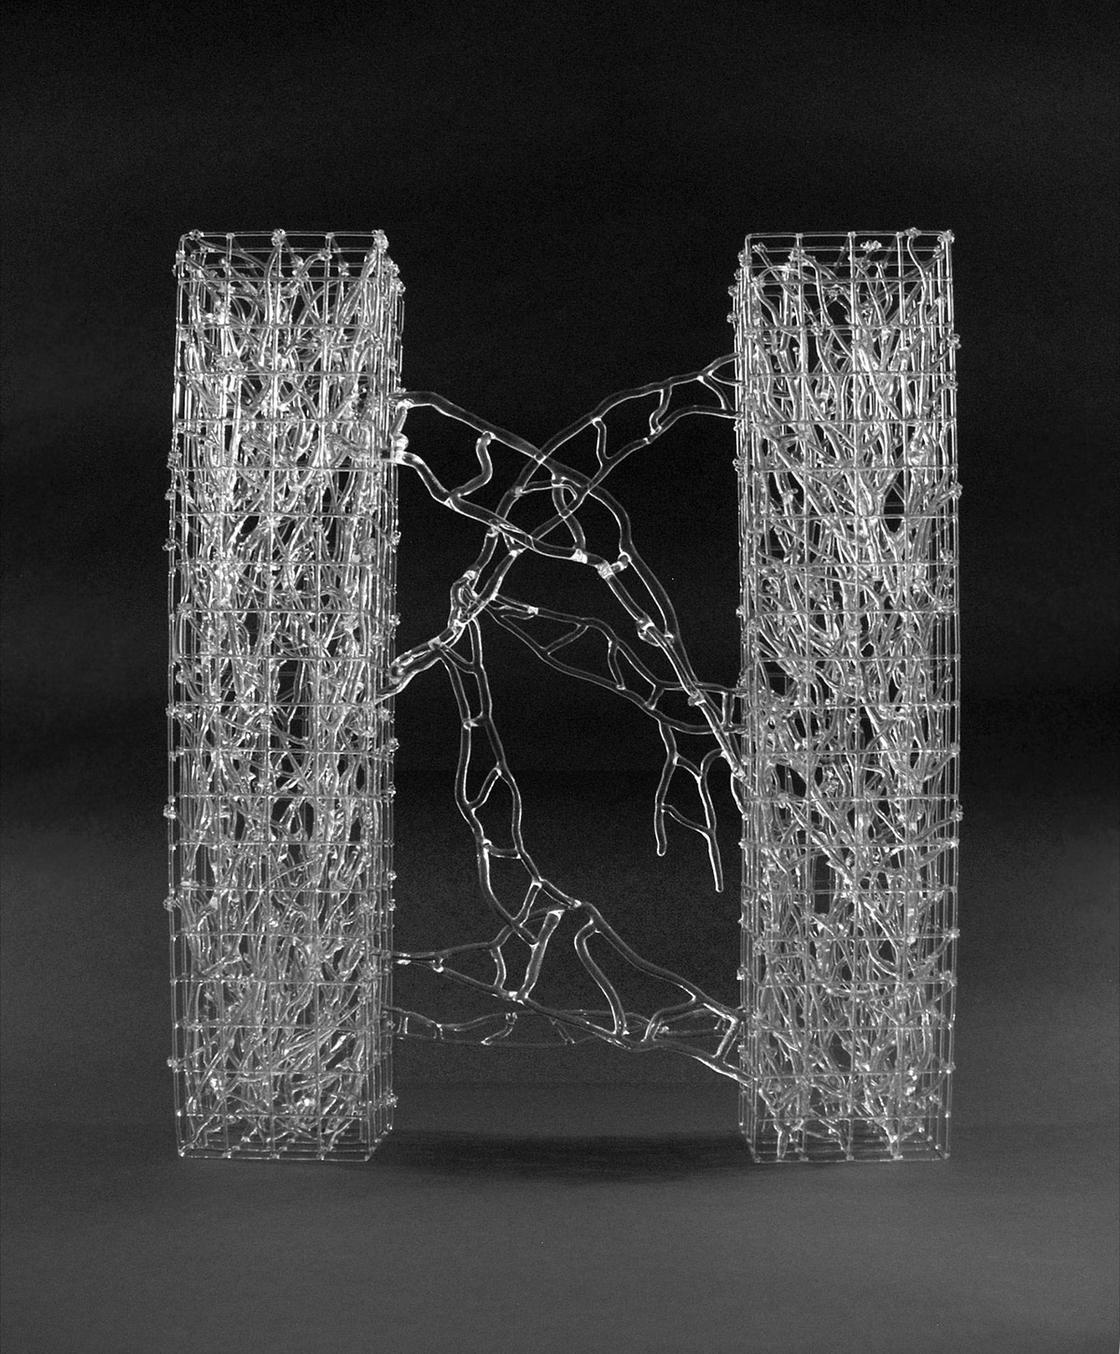 eunsuh-choi-glass-sculptures-9.jpg